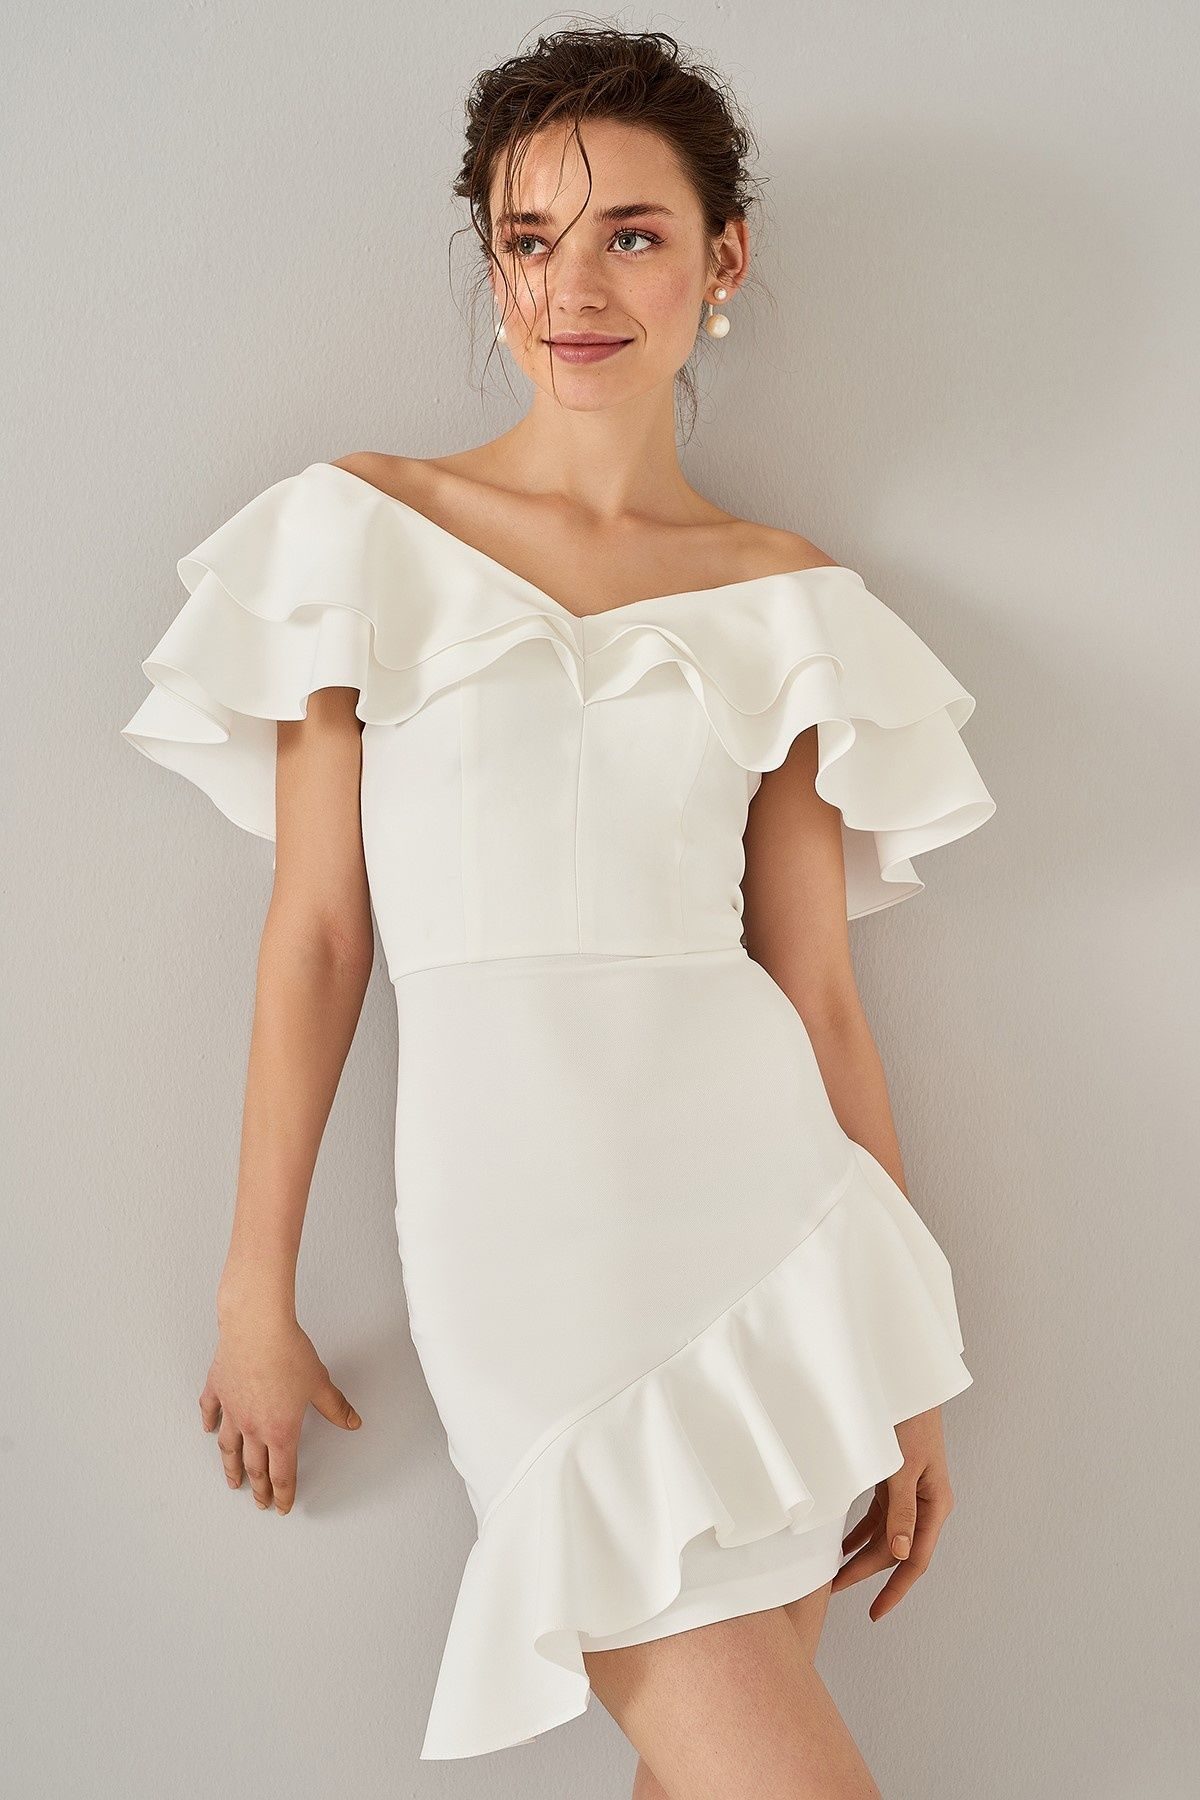 Online Alisveris Sitesi Turkiye Nin Trend Yolu Trendyol Podyum Modasi Elbise Kisa Etekli Elbiseler